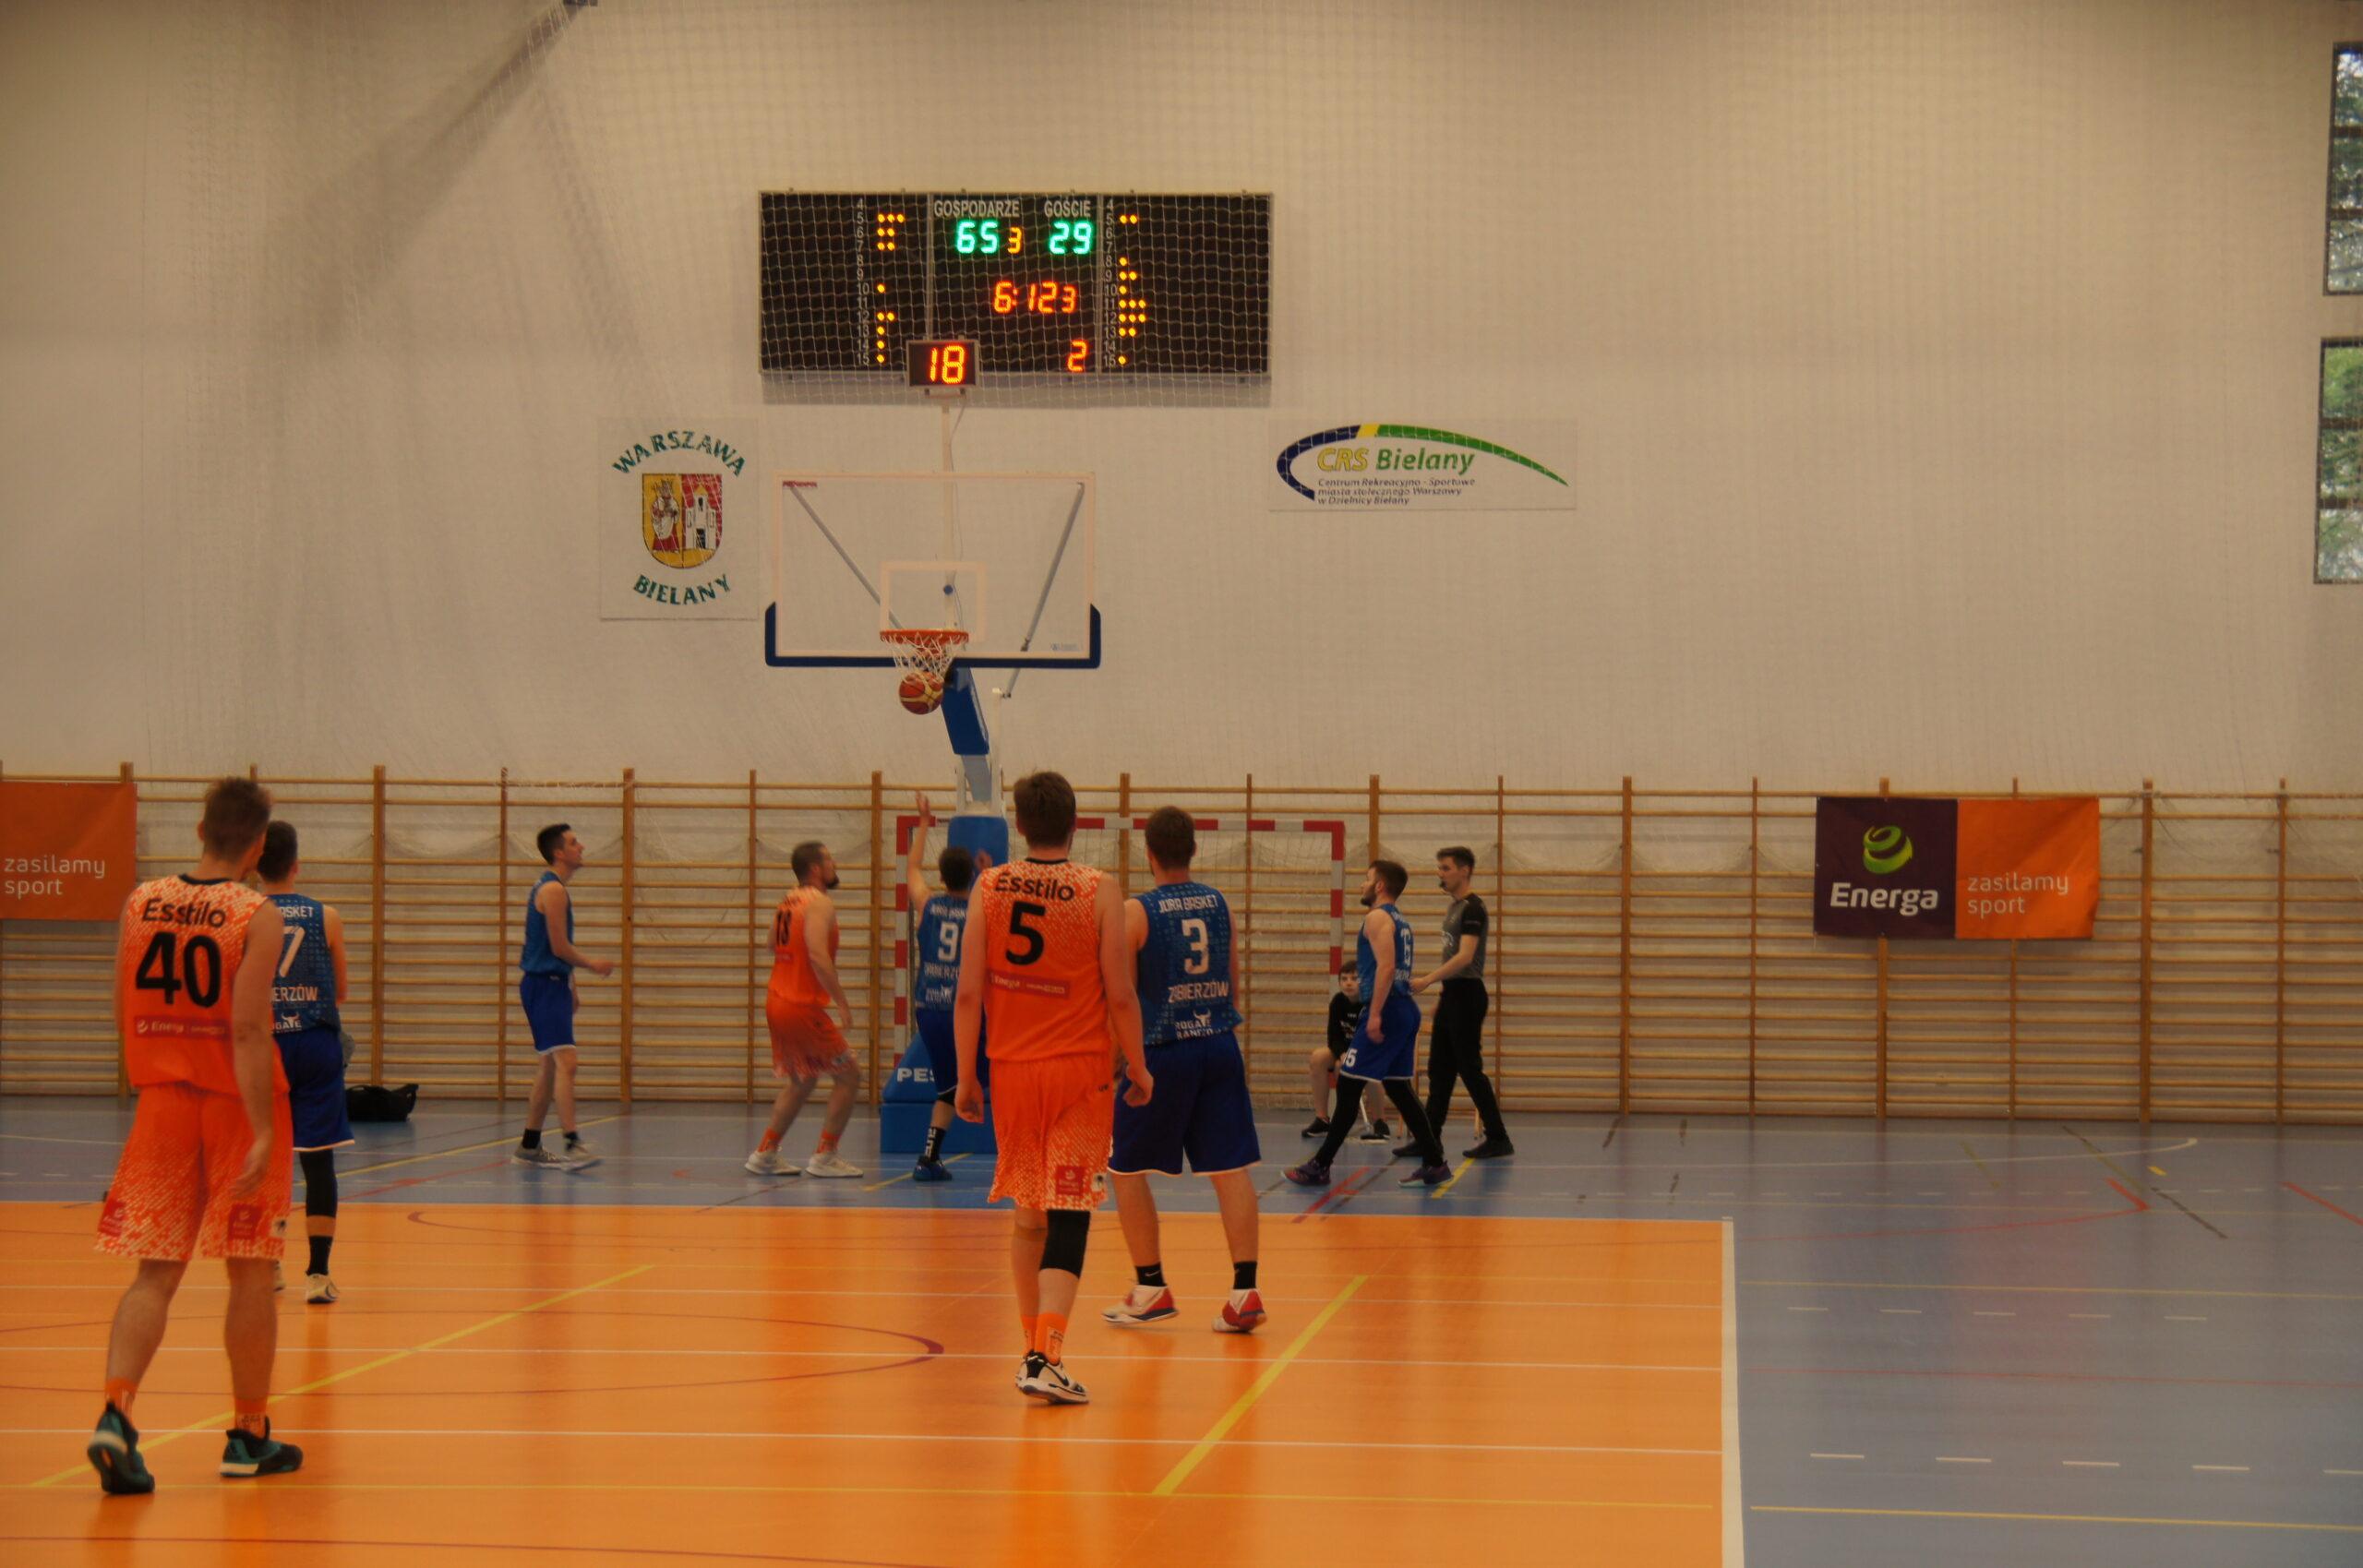 upa dorosłych mężczyzn grających w koszykówkę podczas turnieju na terenie Hali Sportowej CRS Bielany. Z tyłu widoczni również sędziowie oraz banery, w tym jeden z logiem CRS Bielany.